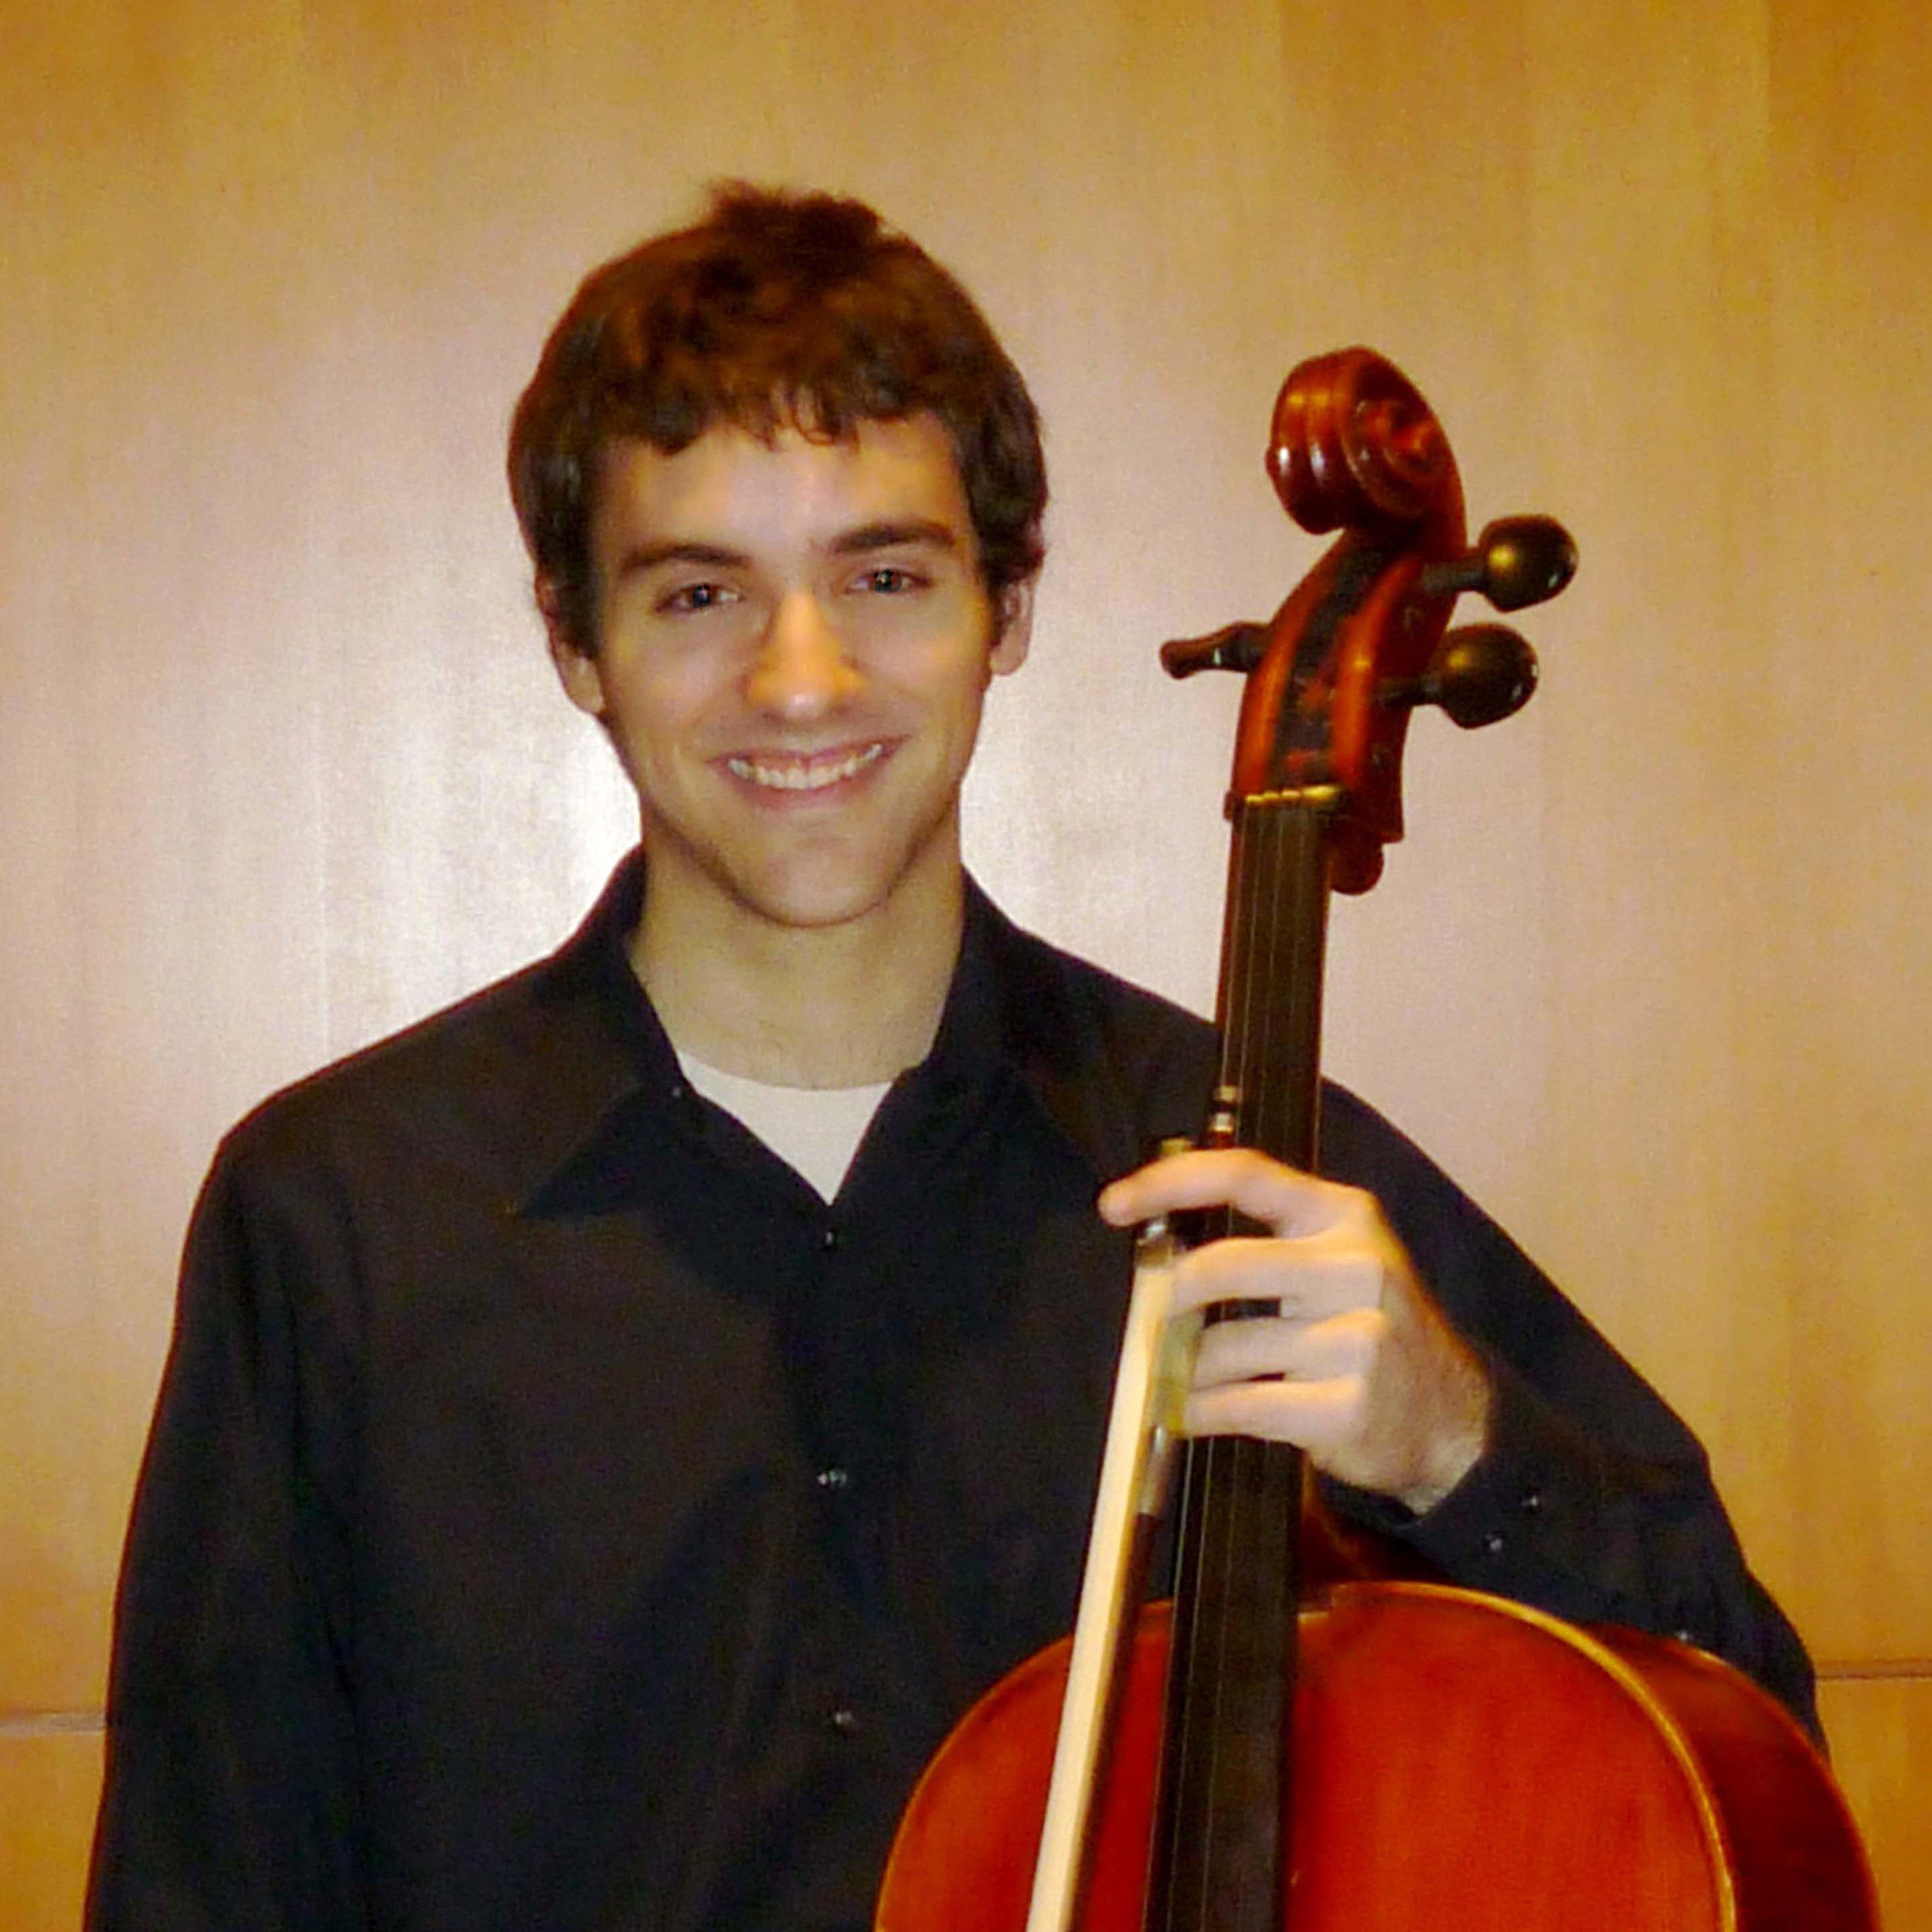 Ben Osterhouse, cello